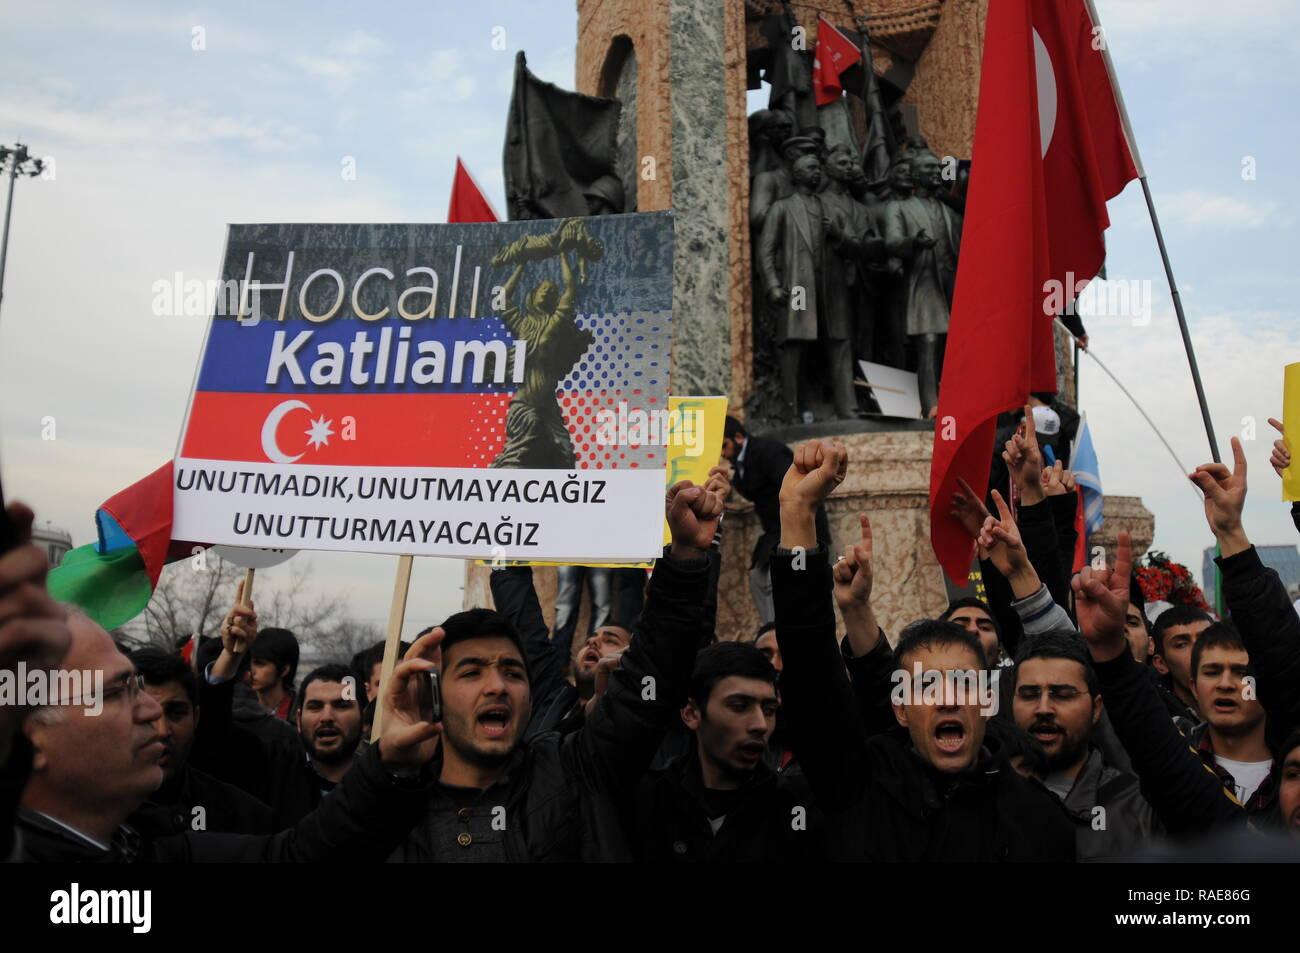 Istanbul Turkei Die Demonstranten Sind In Taksim Square Protestieren Khojaly Tragodie Die Sich Gegen Die Turken In Aserbaidschan Die Von Armeniern Geschah Stockfotografie Alamy